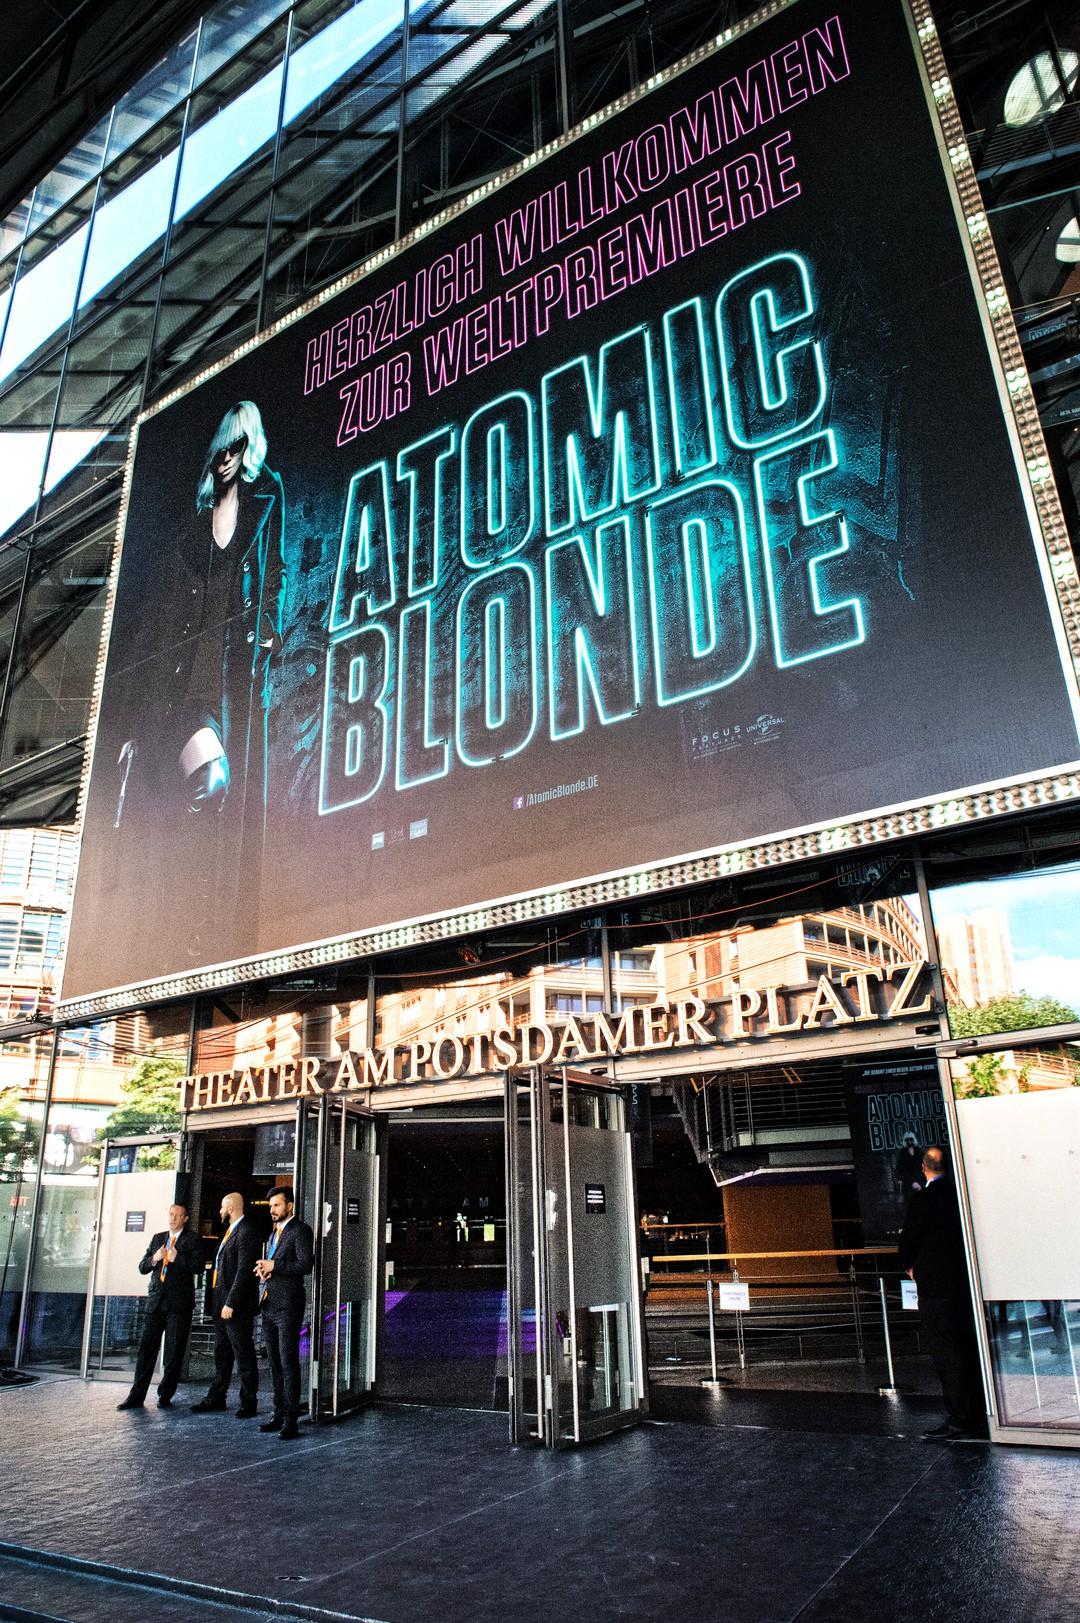 Charlize Theron feiert in Berlin die Weltpremiere von Atomic Blonde - Bild 1 von 22